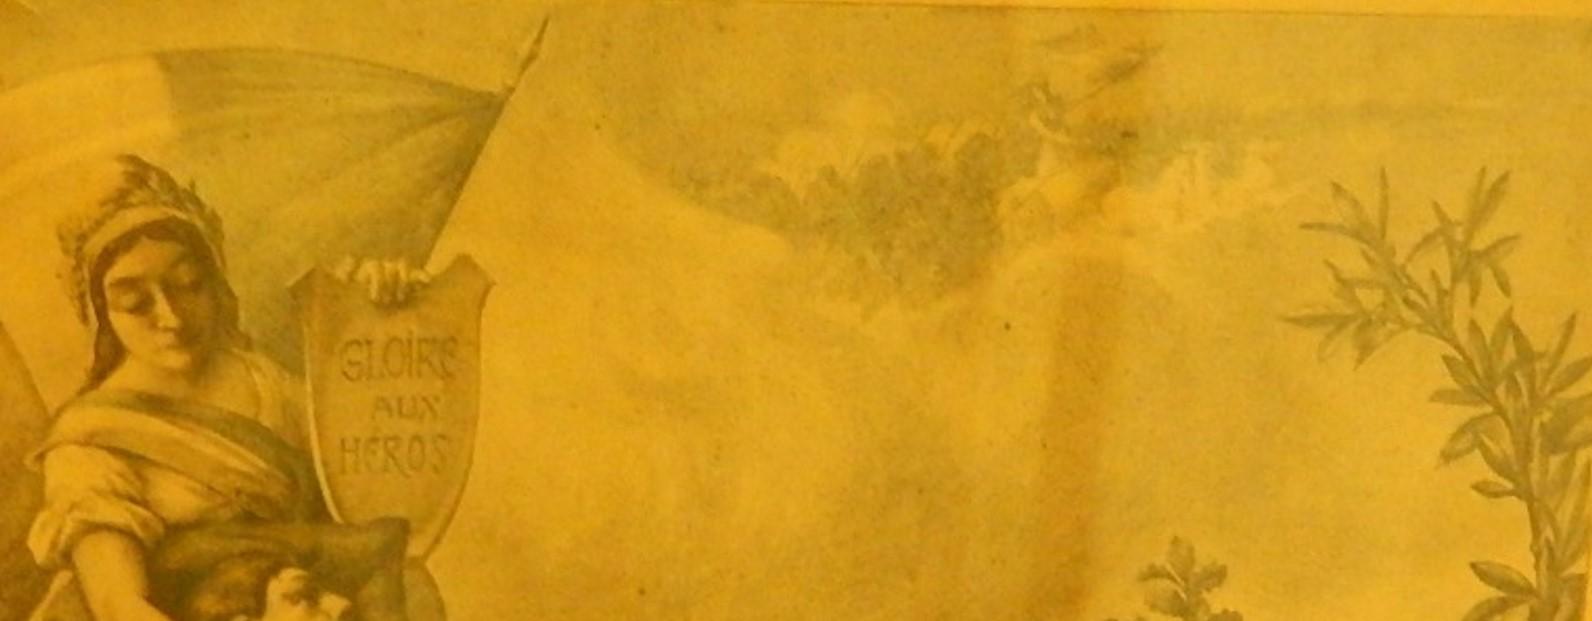 « Tableau d'honneur des Enfants de la commune Morts pour la Patrie et des citations à l'ordre du jour », arrière-plan du frontispice (cliché Bernard Théry)